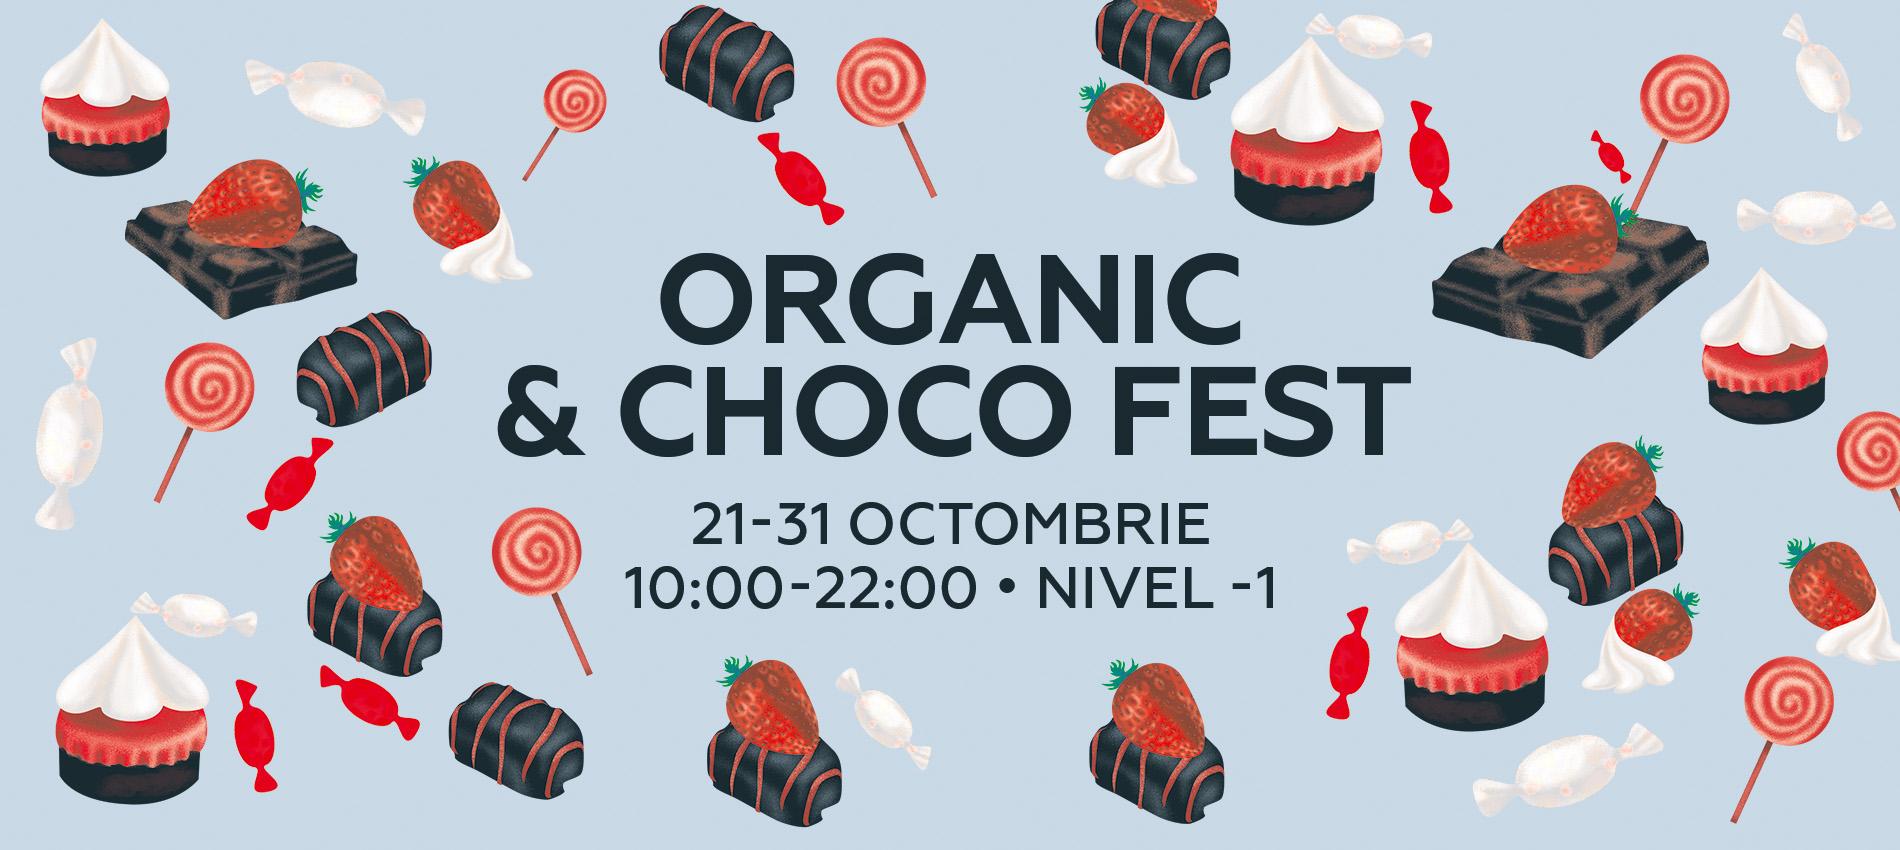 ORGANIC & CHOCO FEST: delicii dulci și cosmetice bio pentru toate vârstele